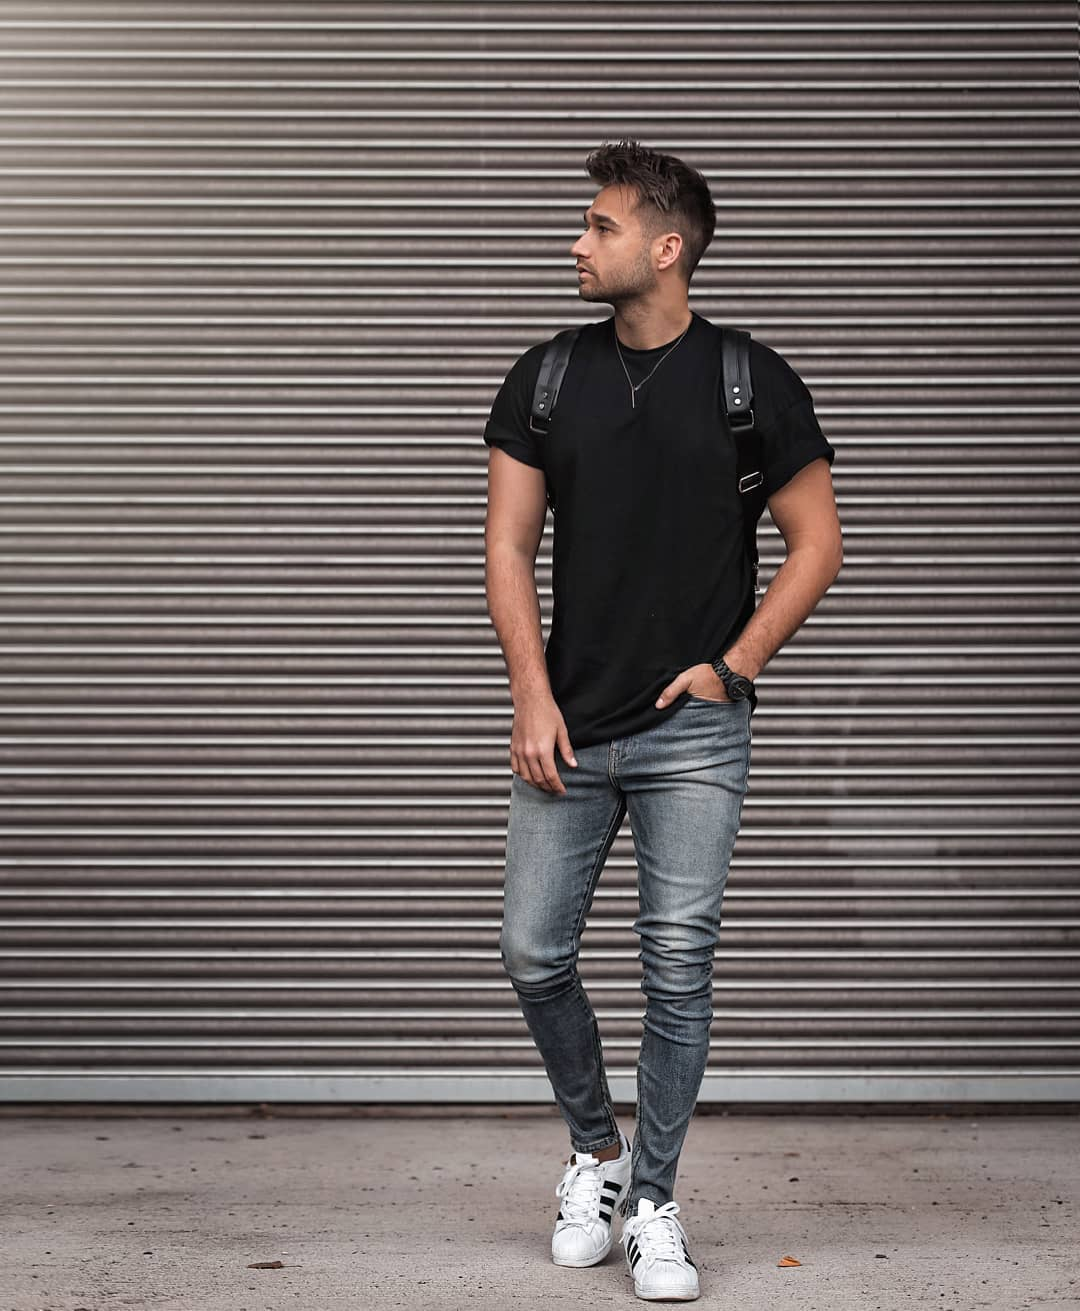 Jeans pasvormen combineren MAN MAN